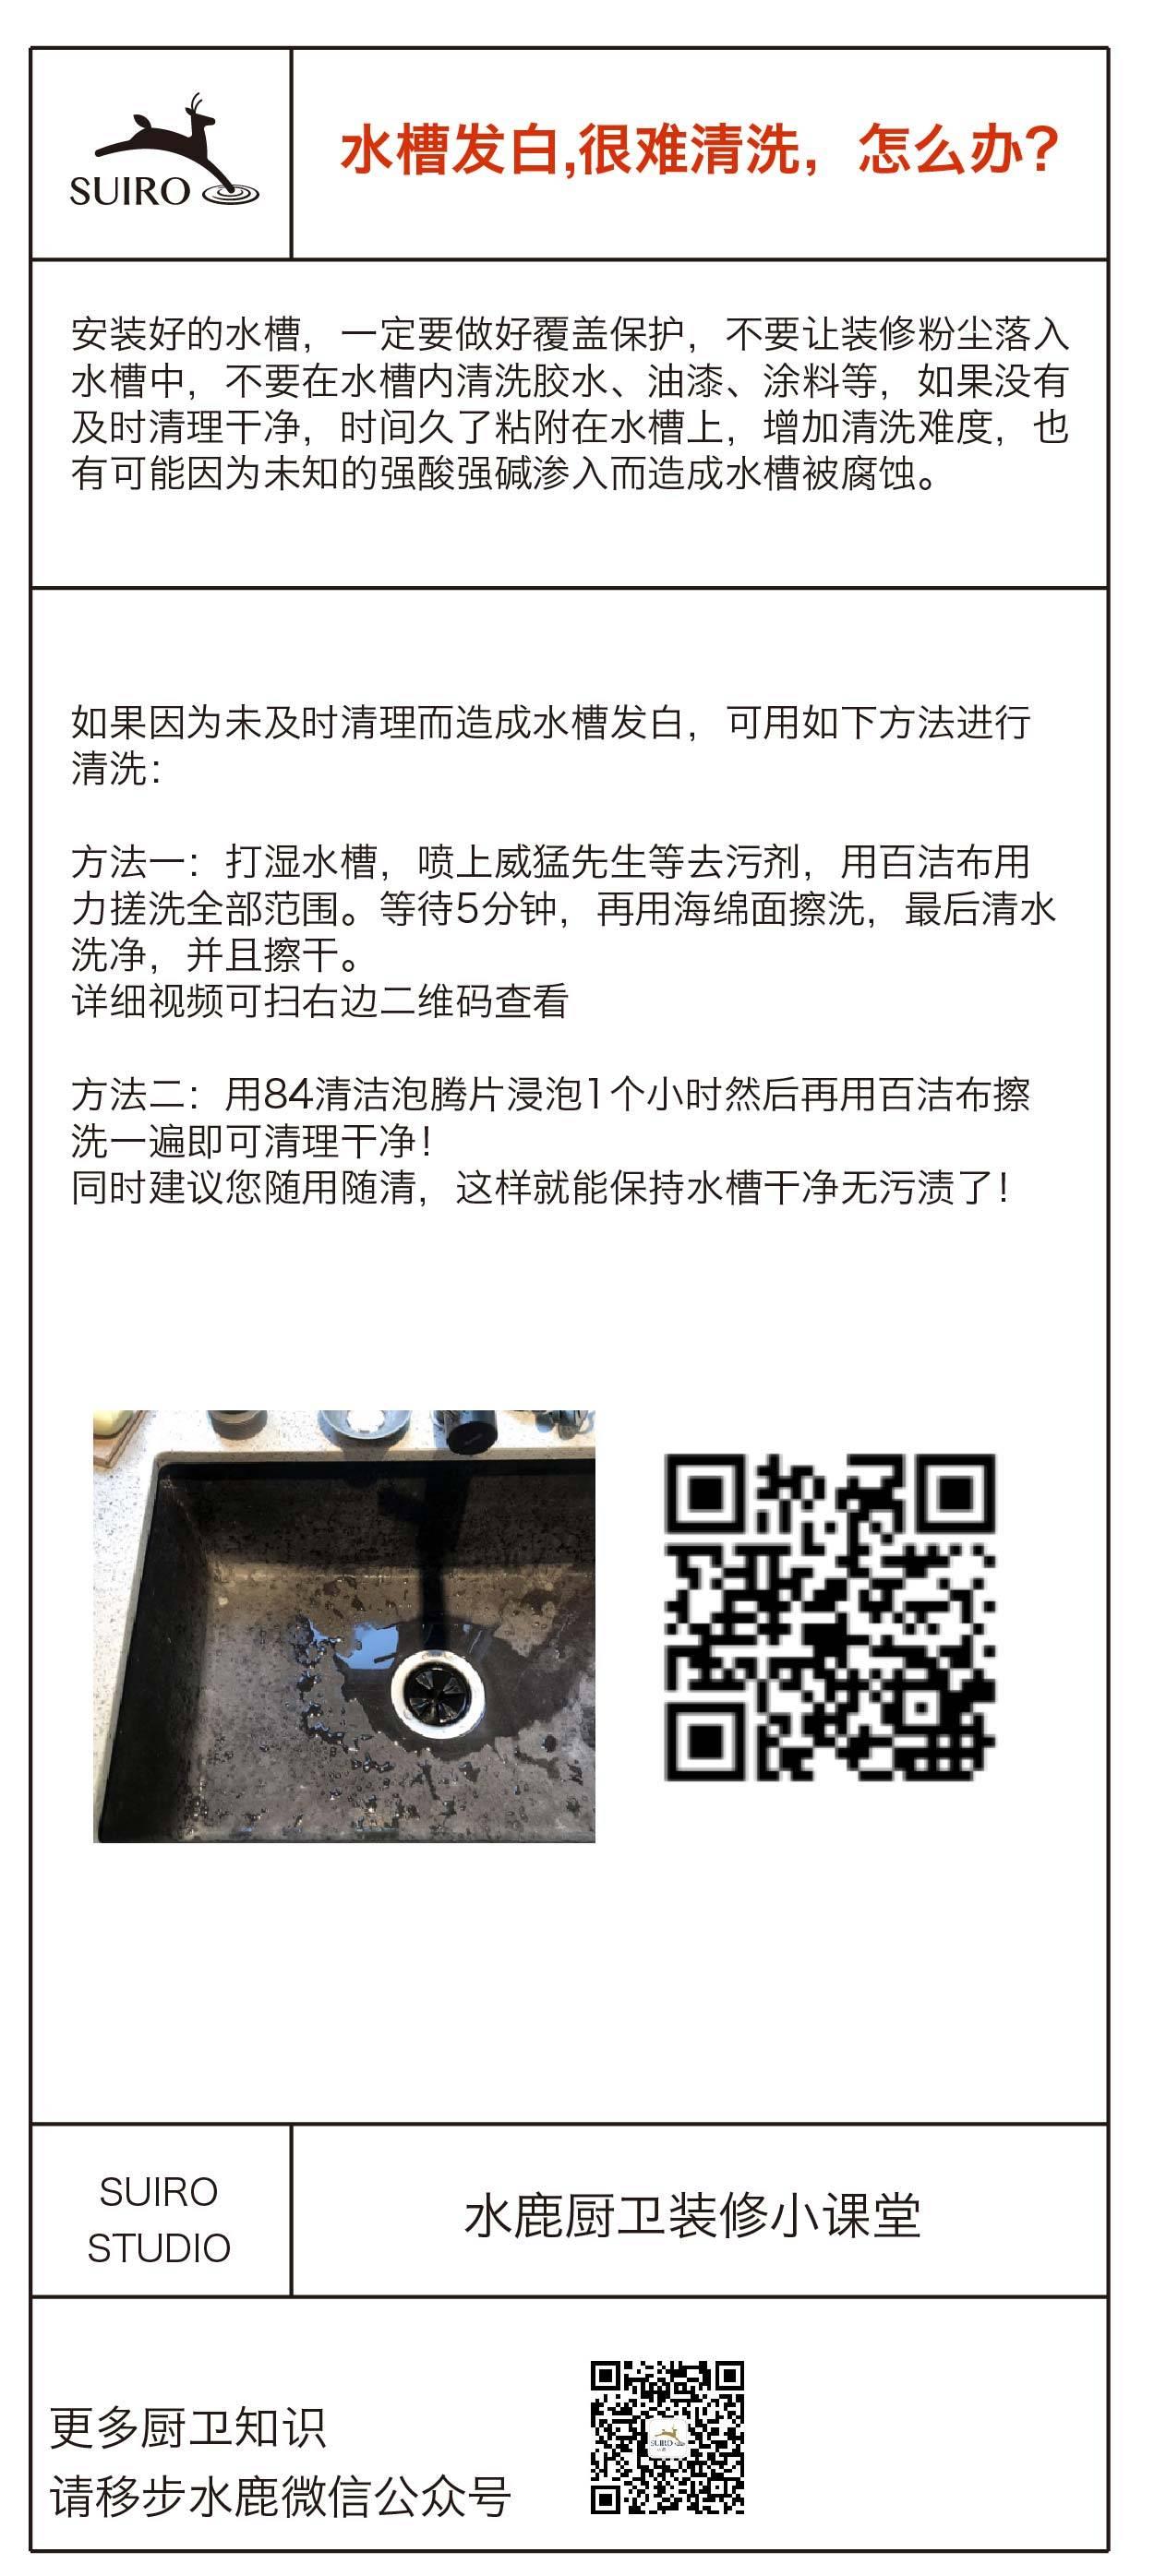 微信图片_20200302162521